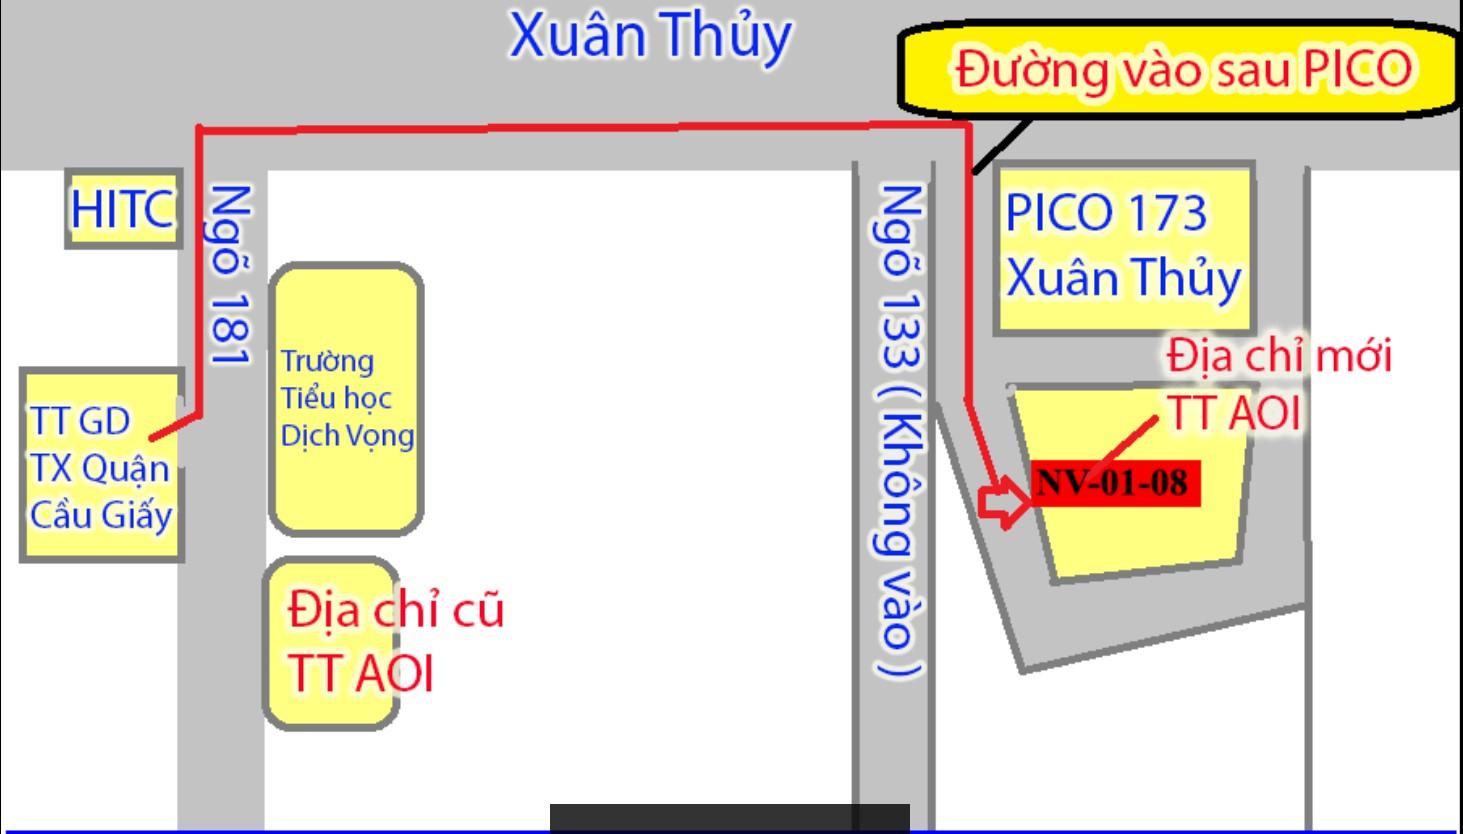 NV01 - 08 Số 173 Xuân Thủy ( Phía sau siêu thị PICO)